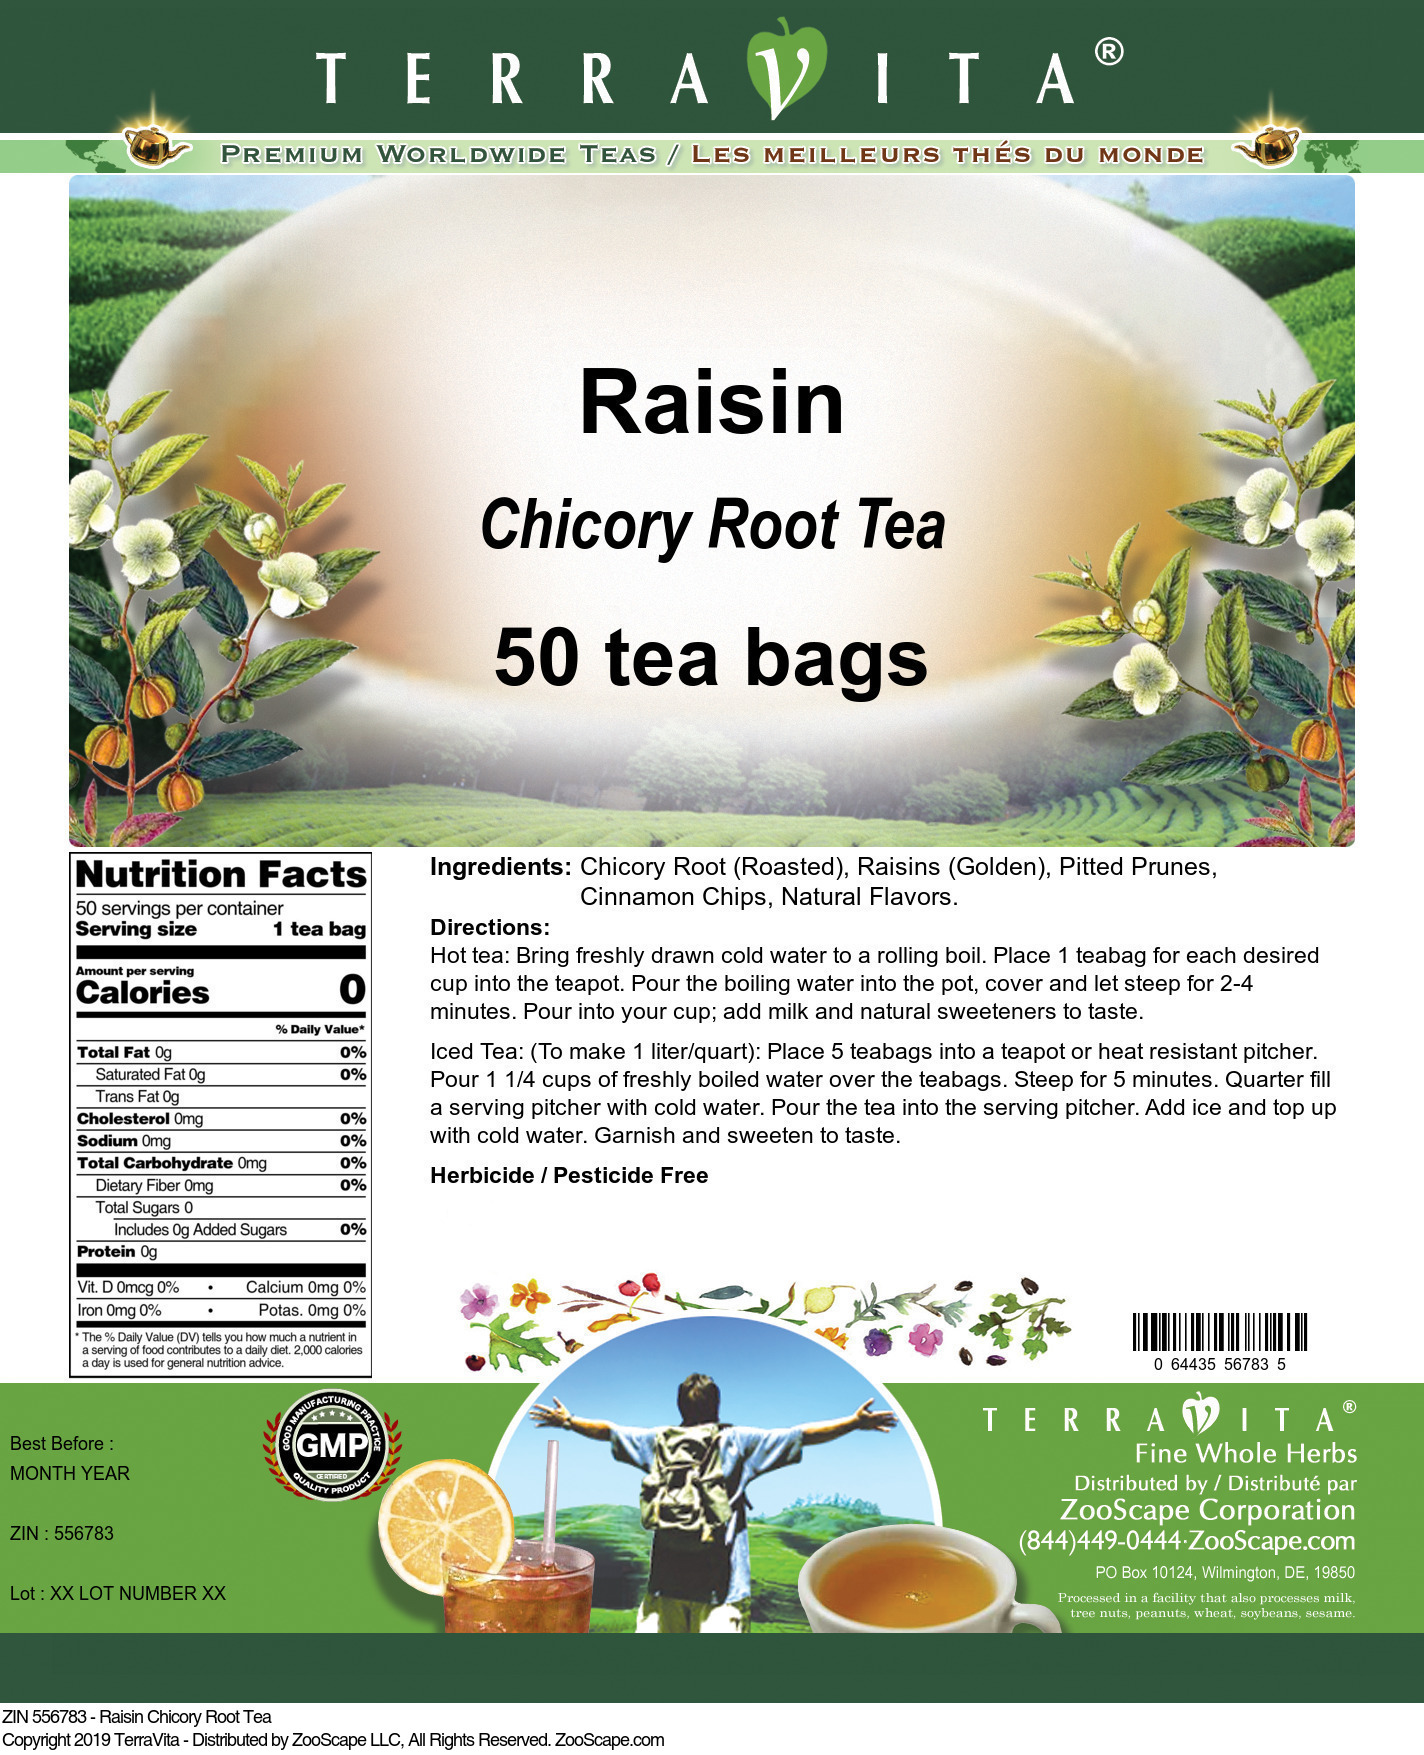 Raisin Chicory Root